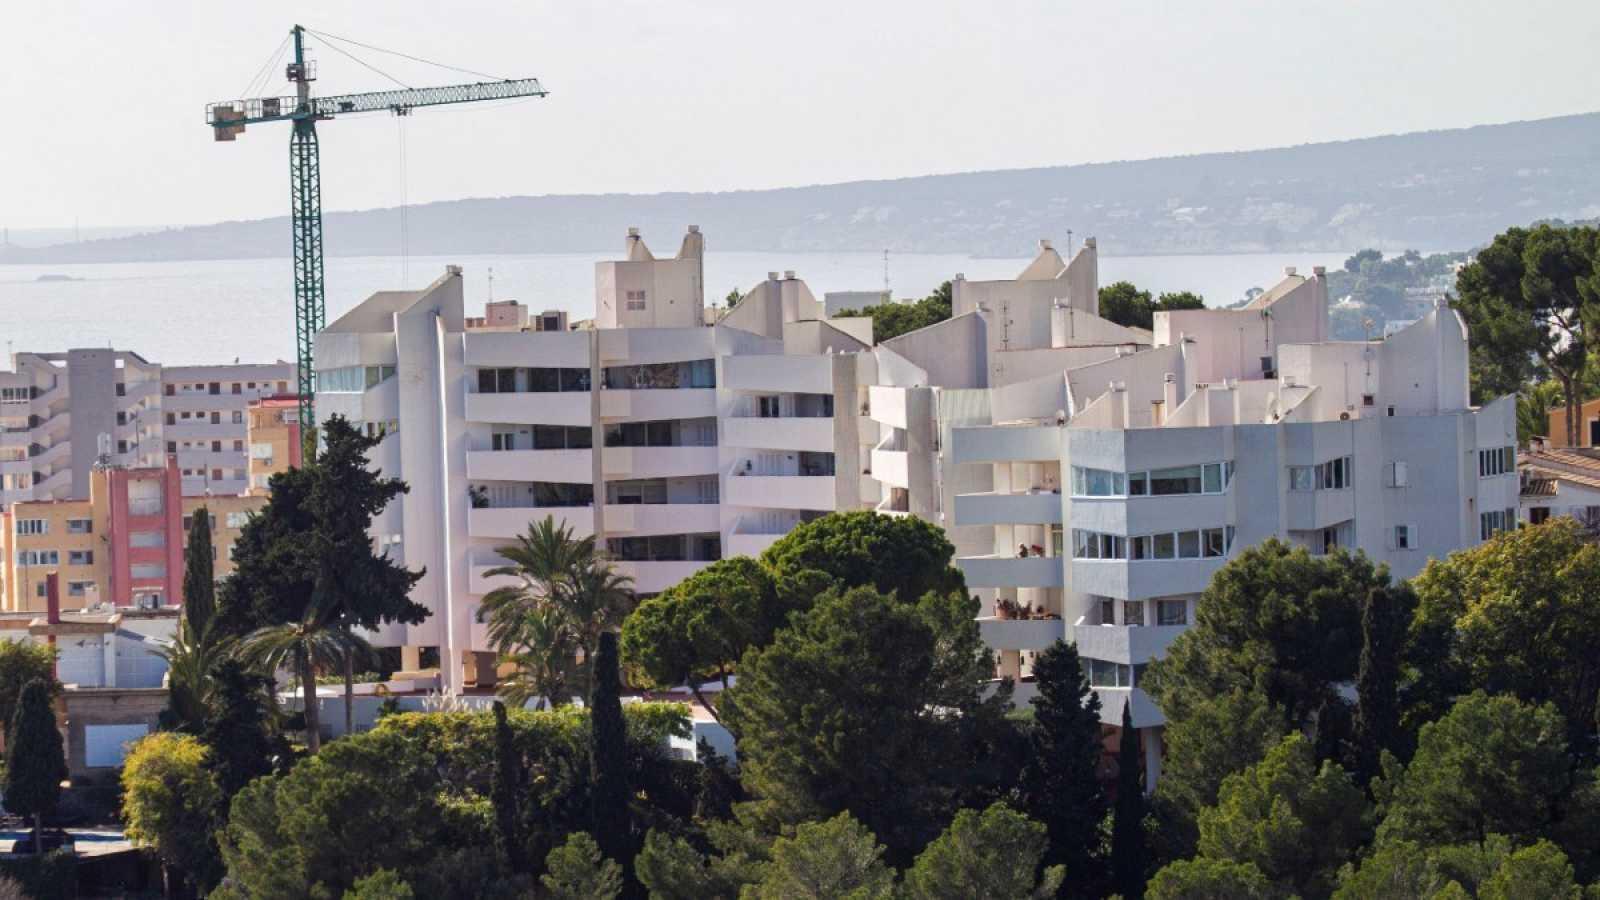 Vviendas de nueva construcción en Palma de Mallorca